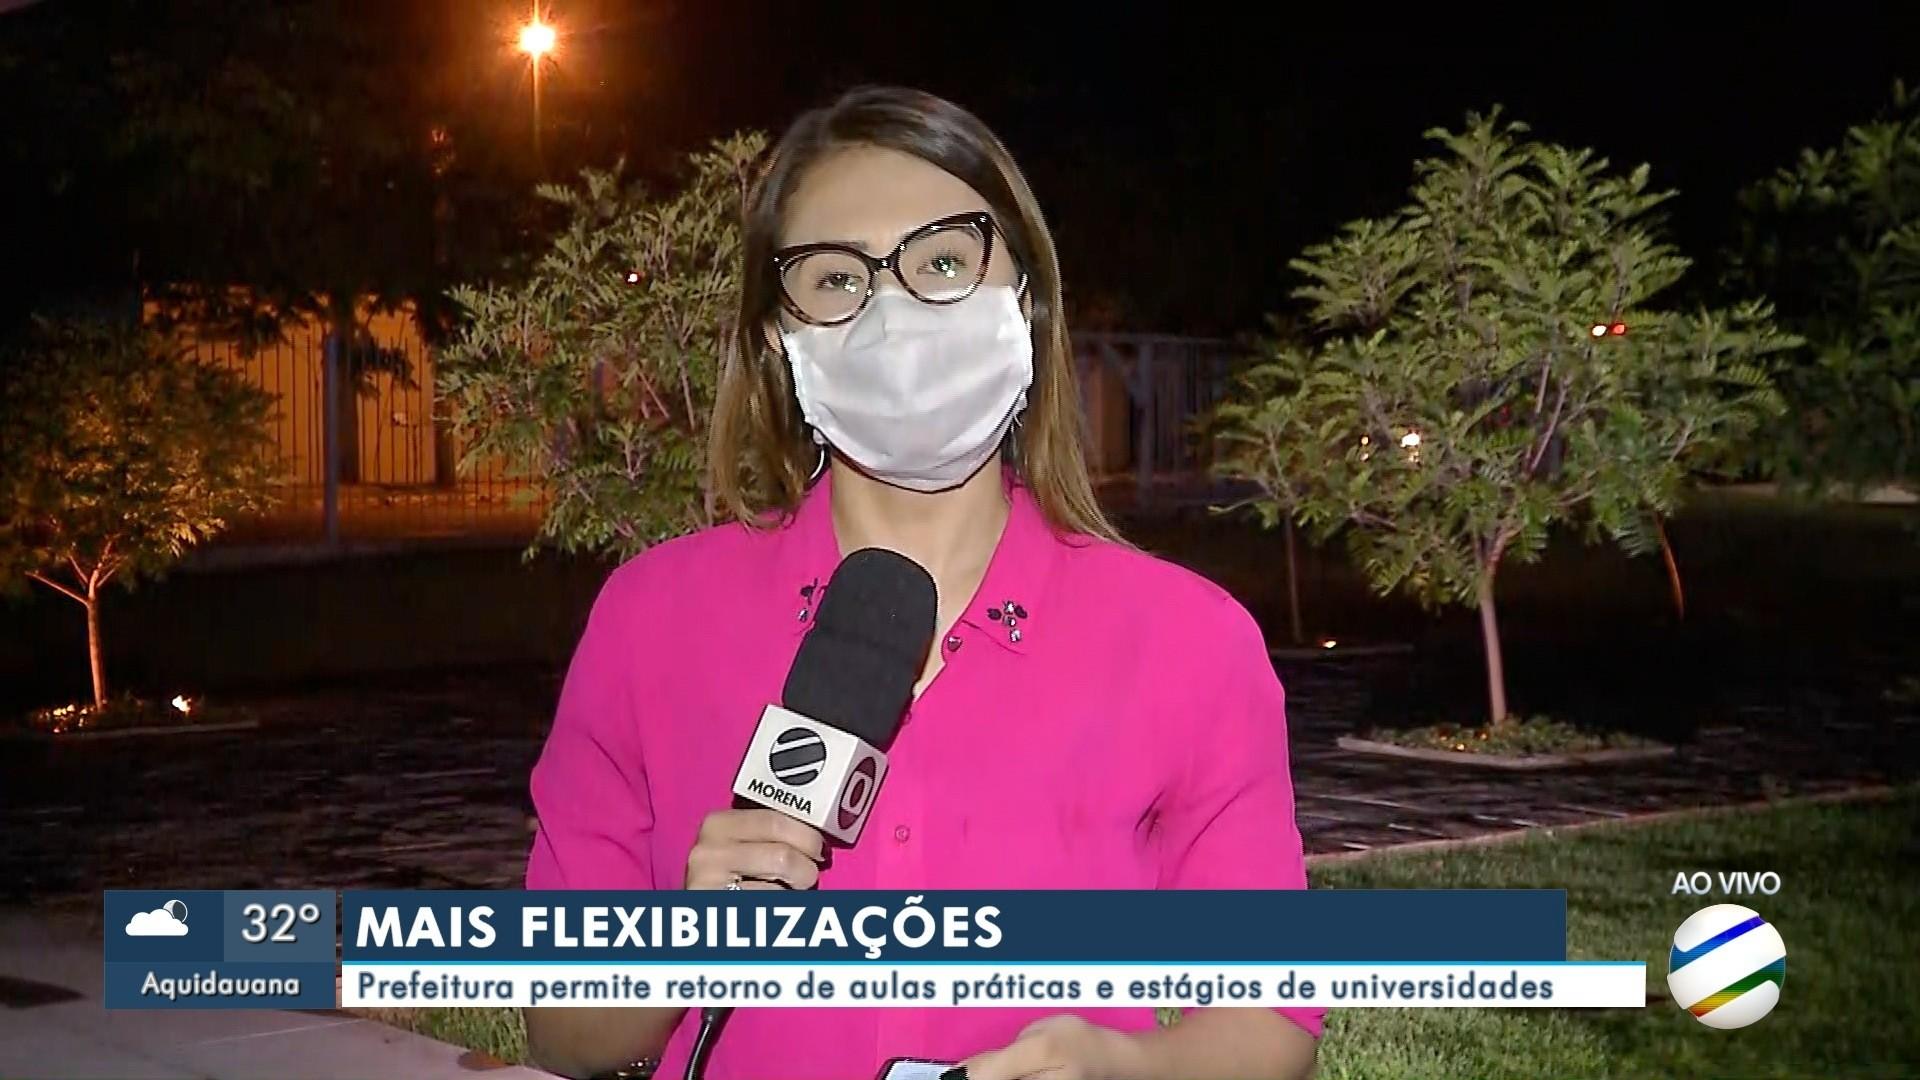 VÍDEOS: MS2 Campo Grande de terça-feira, 20 de outubro de 2020